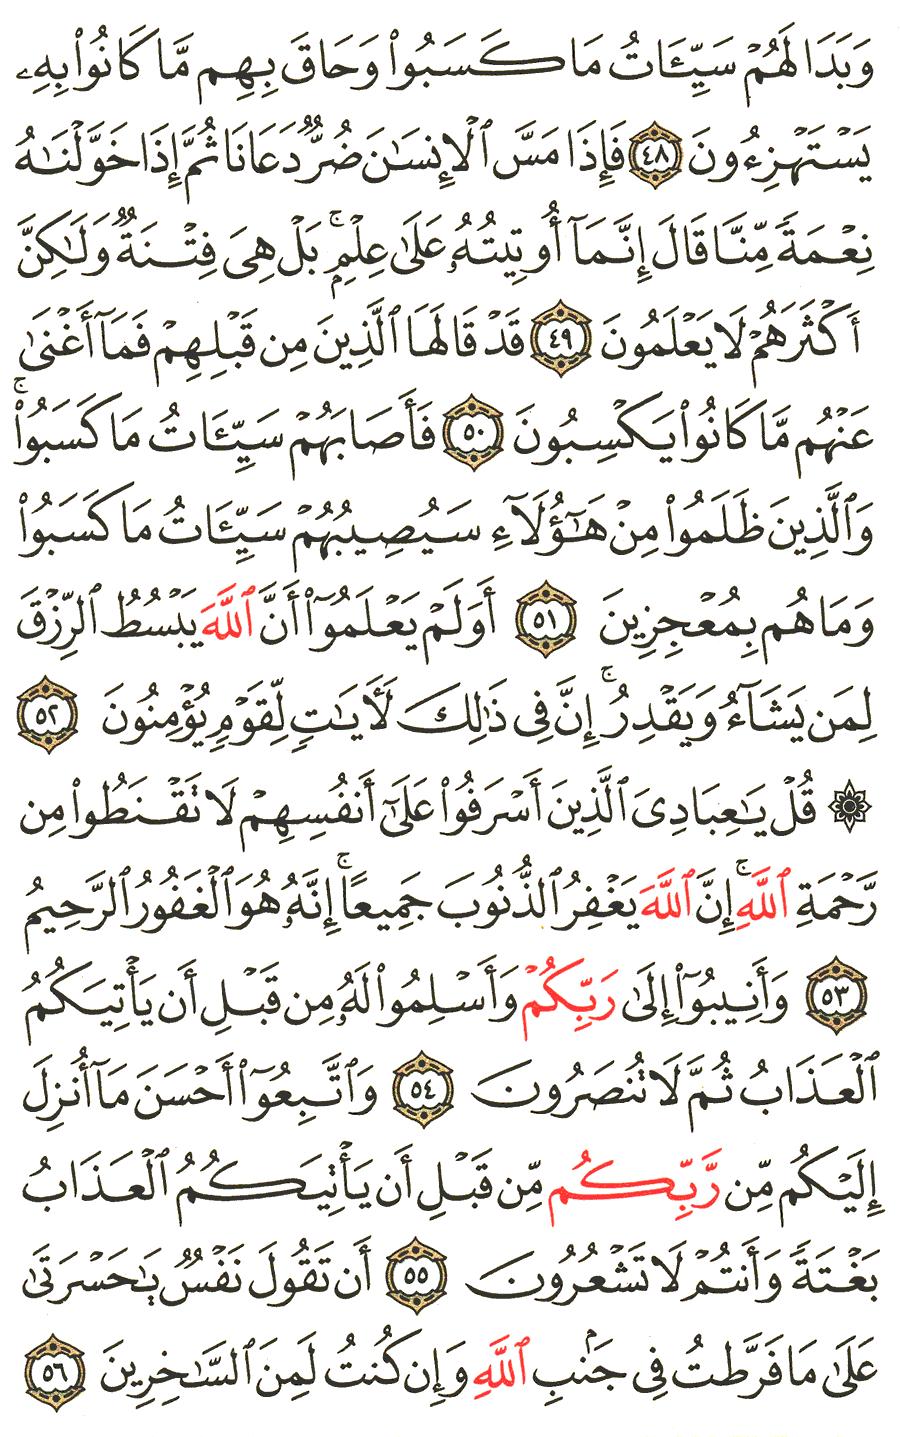 تفسير الآية 48 إلى 56 من سورة الزمر التفسير الميسر